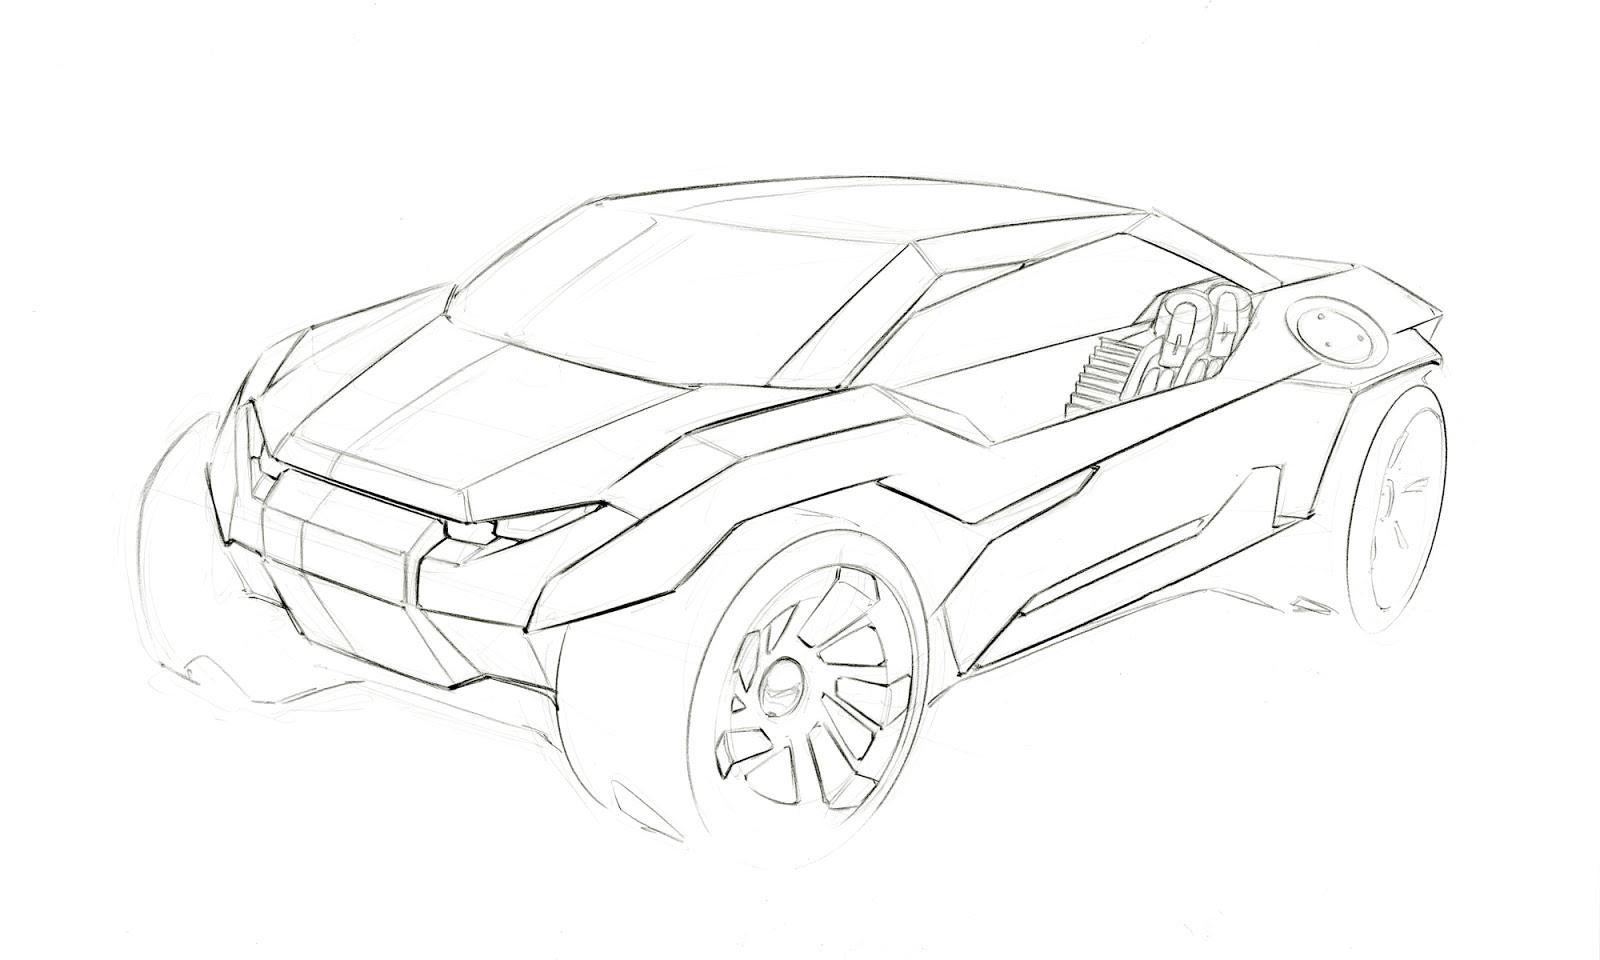 1600x960 Yang Sun Hot Wheels Line Drawings